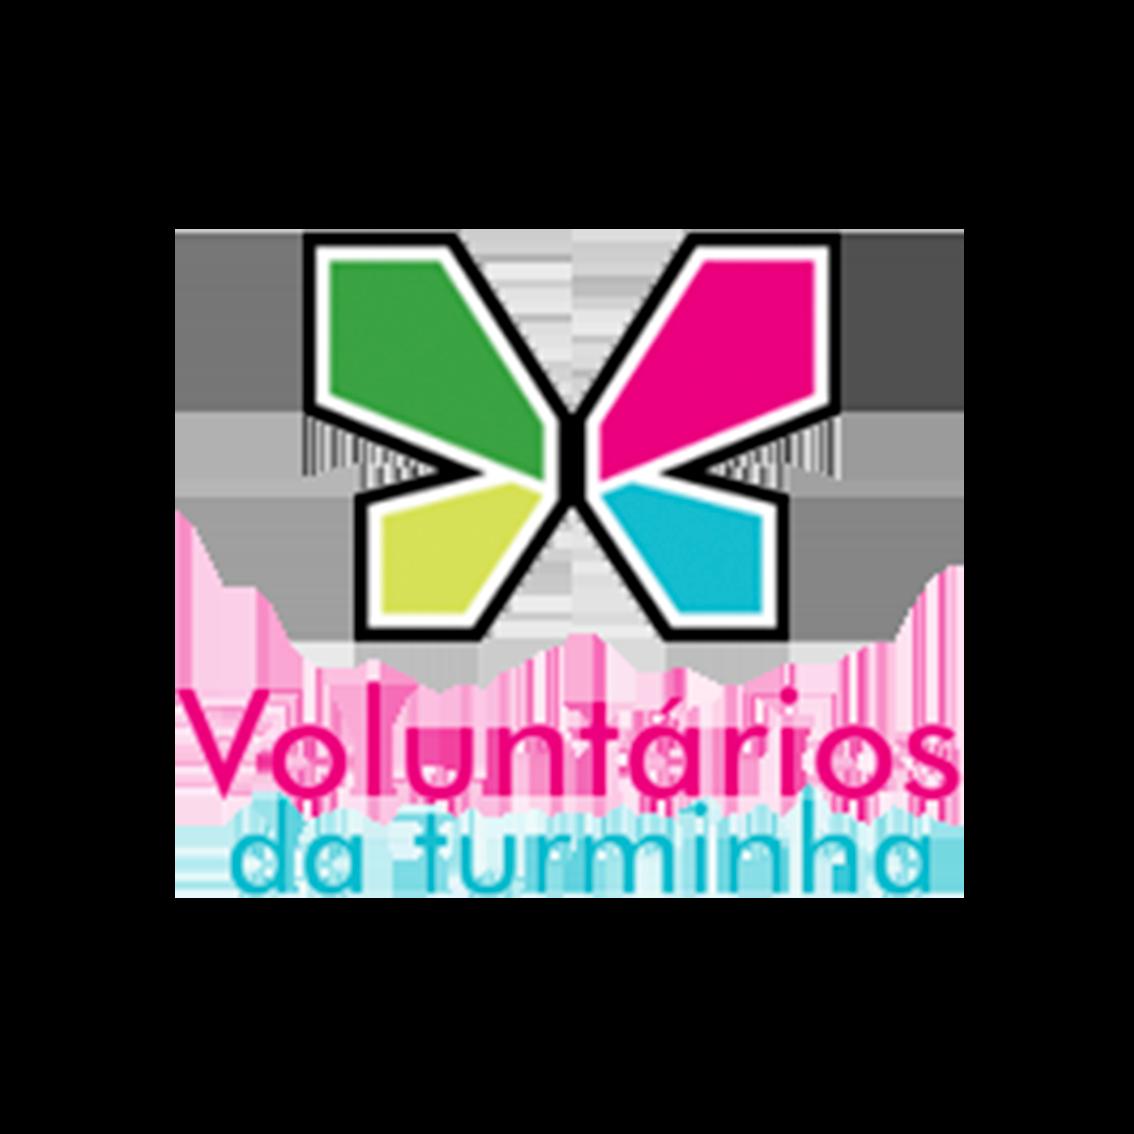 sessaoazul_logo-Voluntários_da_Turminha.